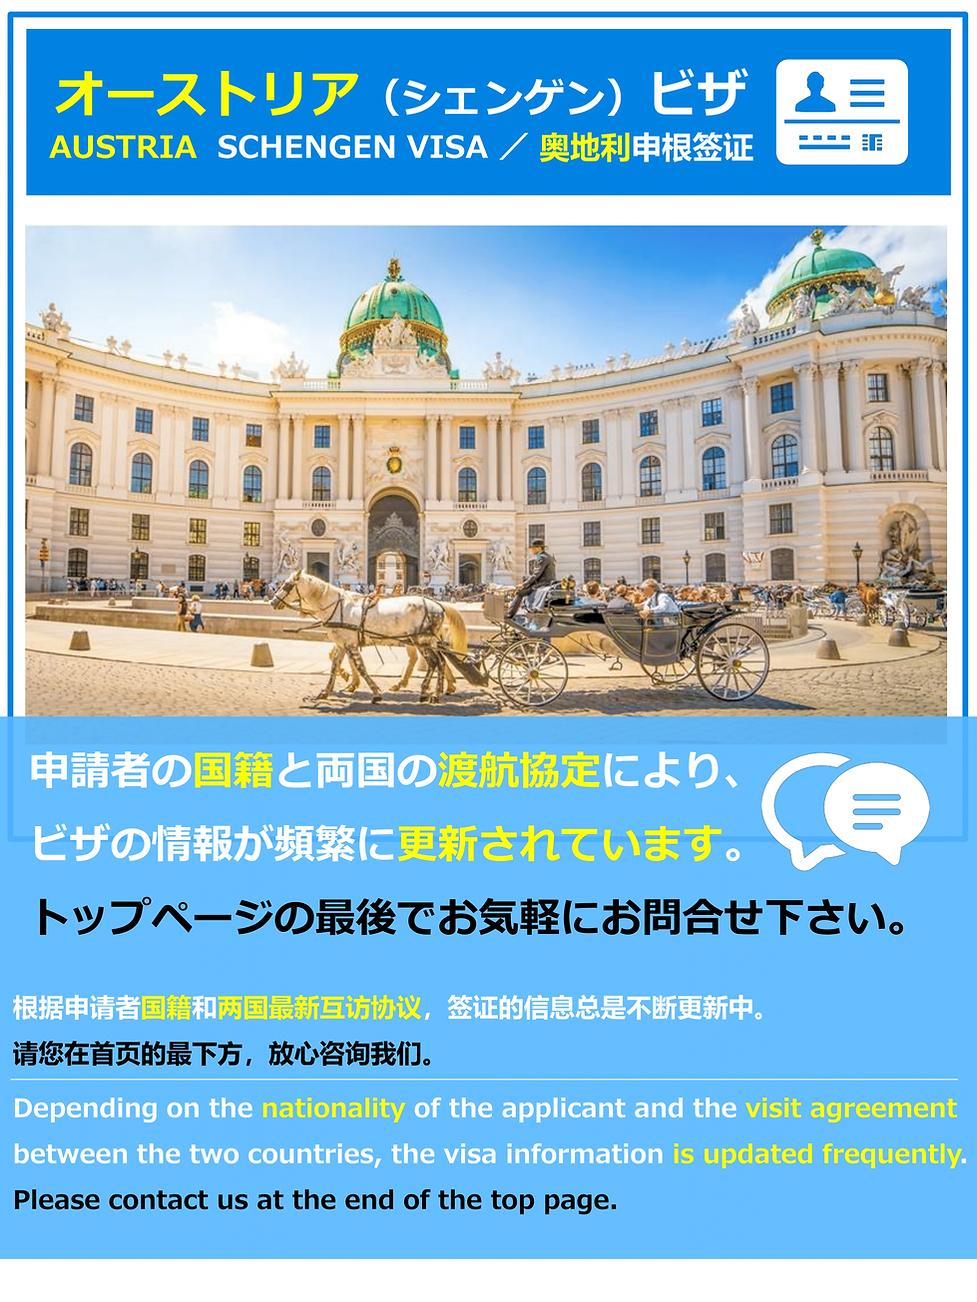 中国人 オーストリア シェンゲン ビザ 申請 代行